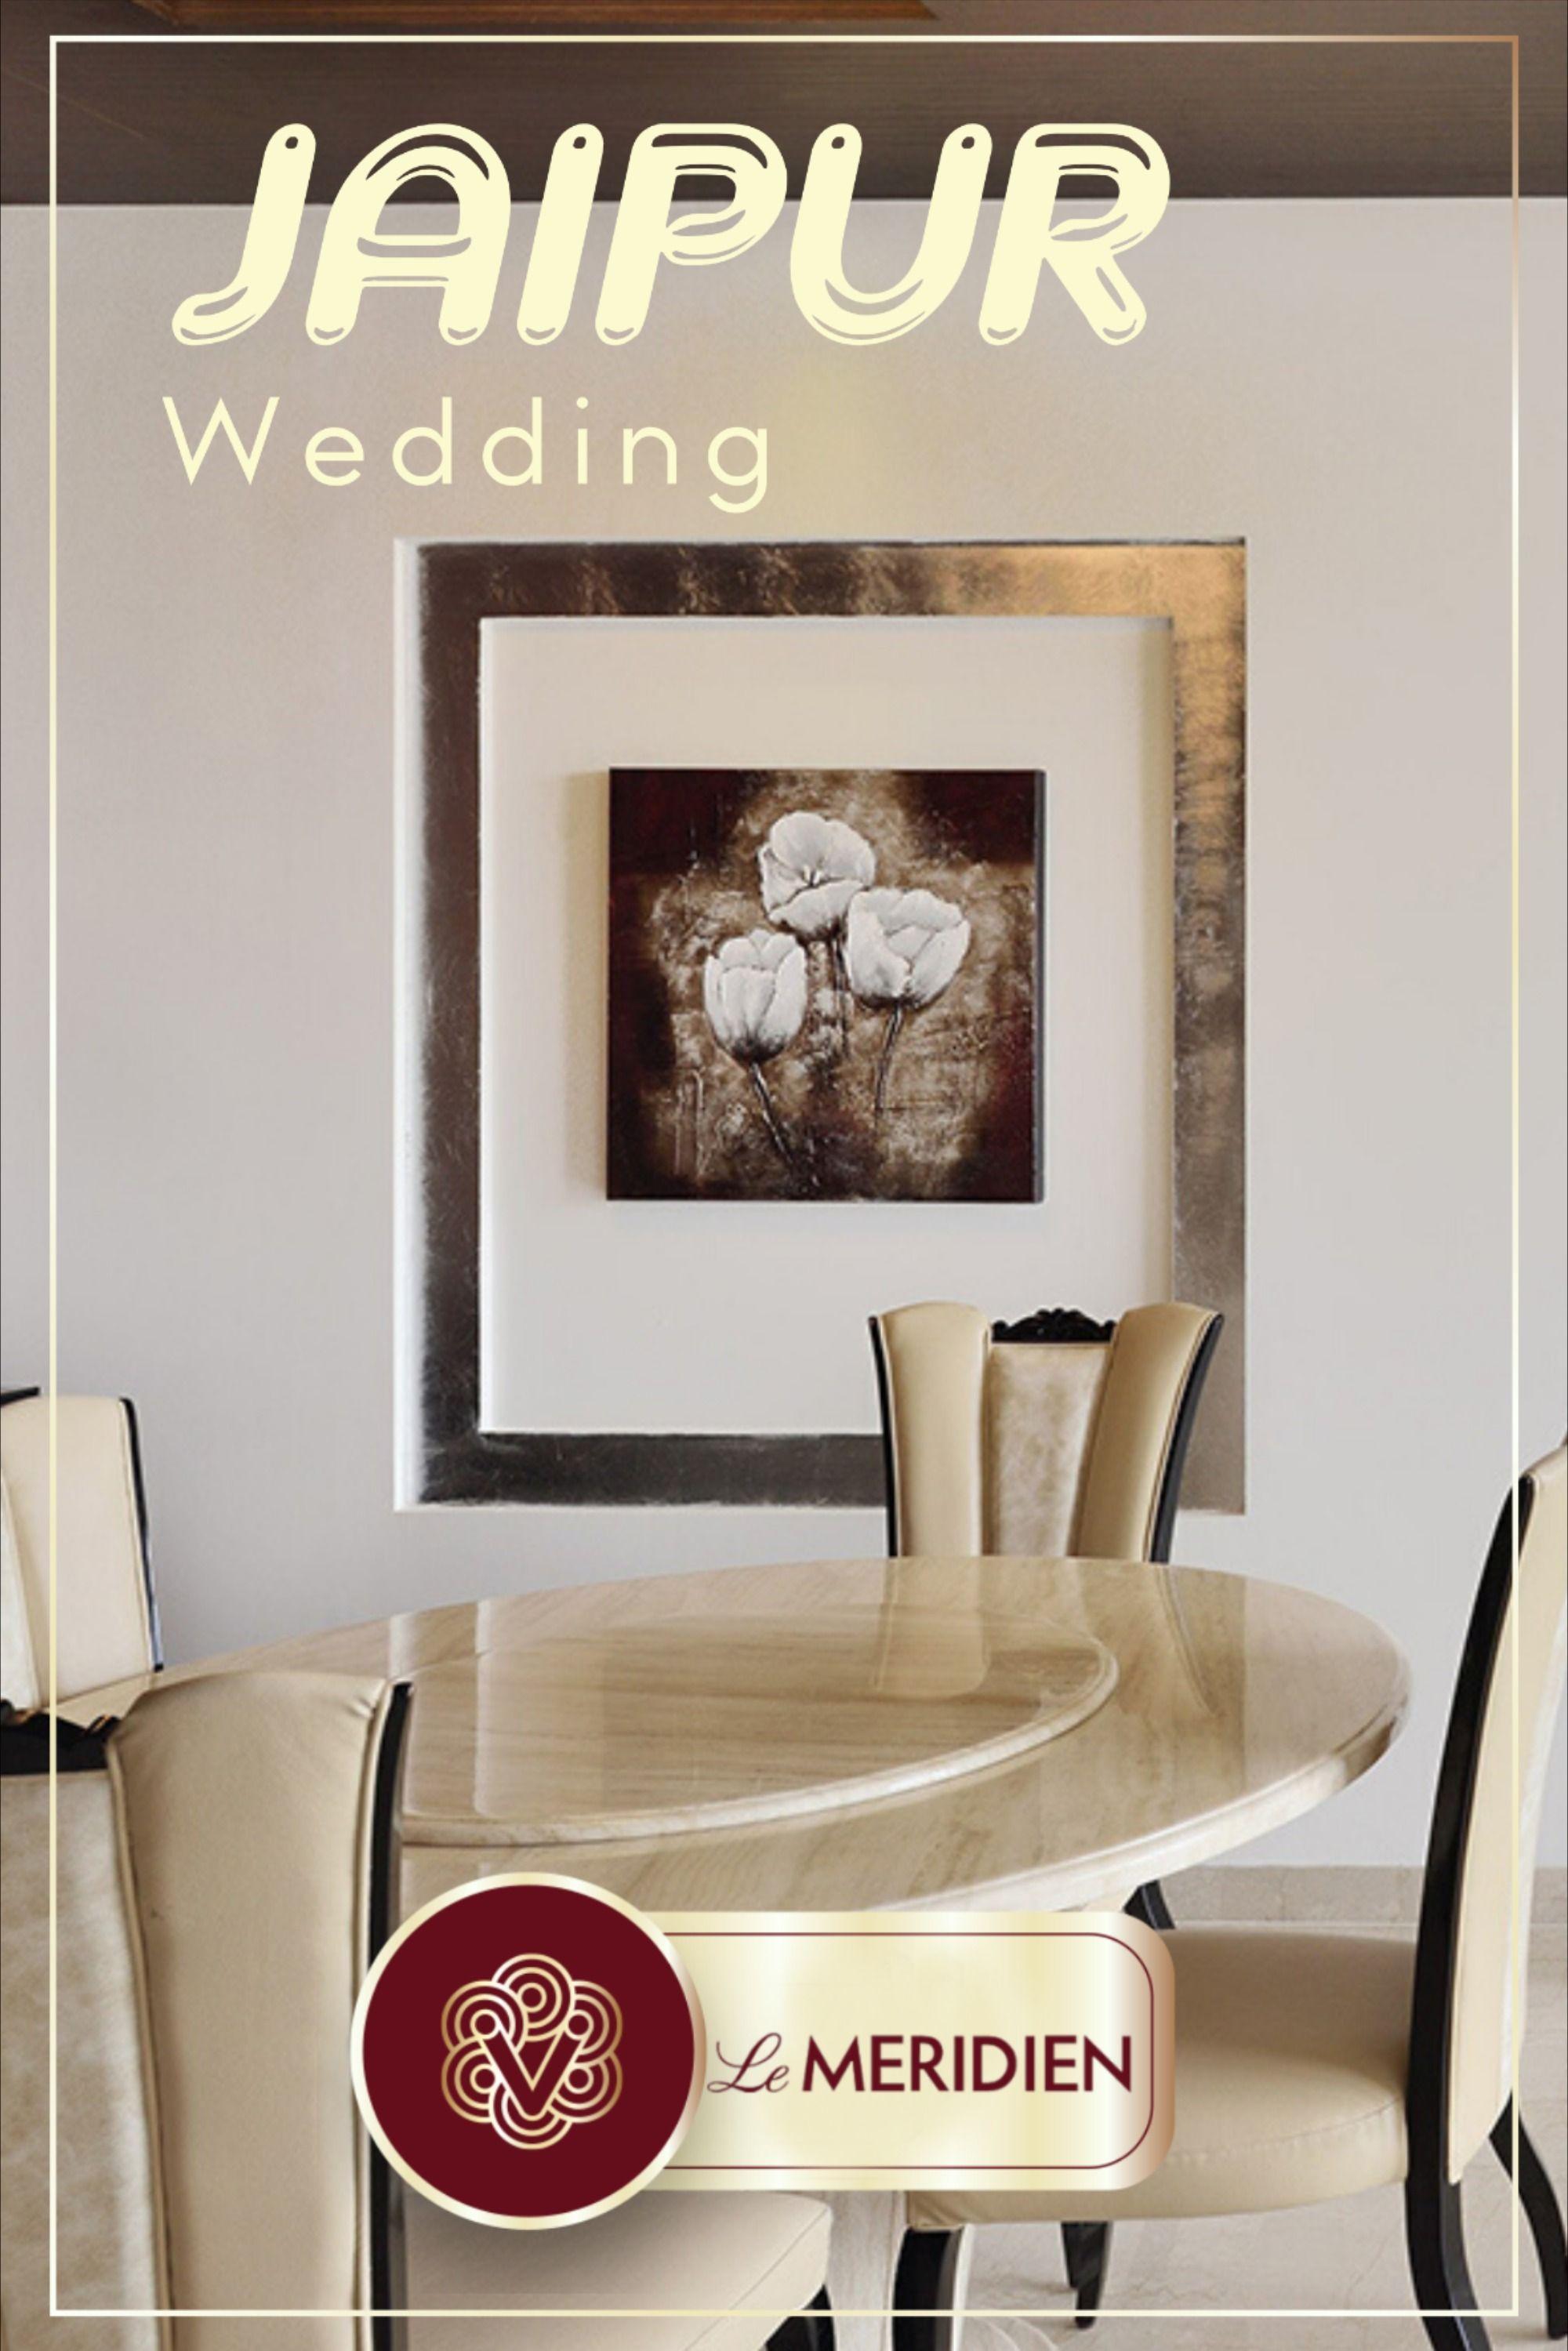 Le Meridien Jaipur Wedding Hotel In 2020 Luxury Destination Wedding Destination Wedding Hotel Wedding